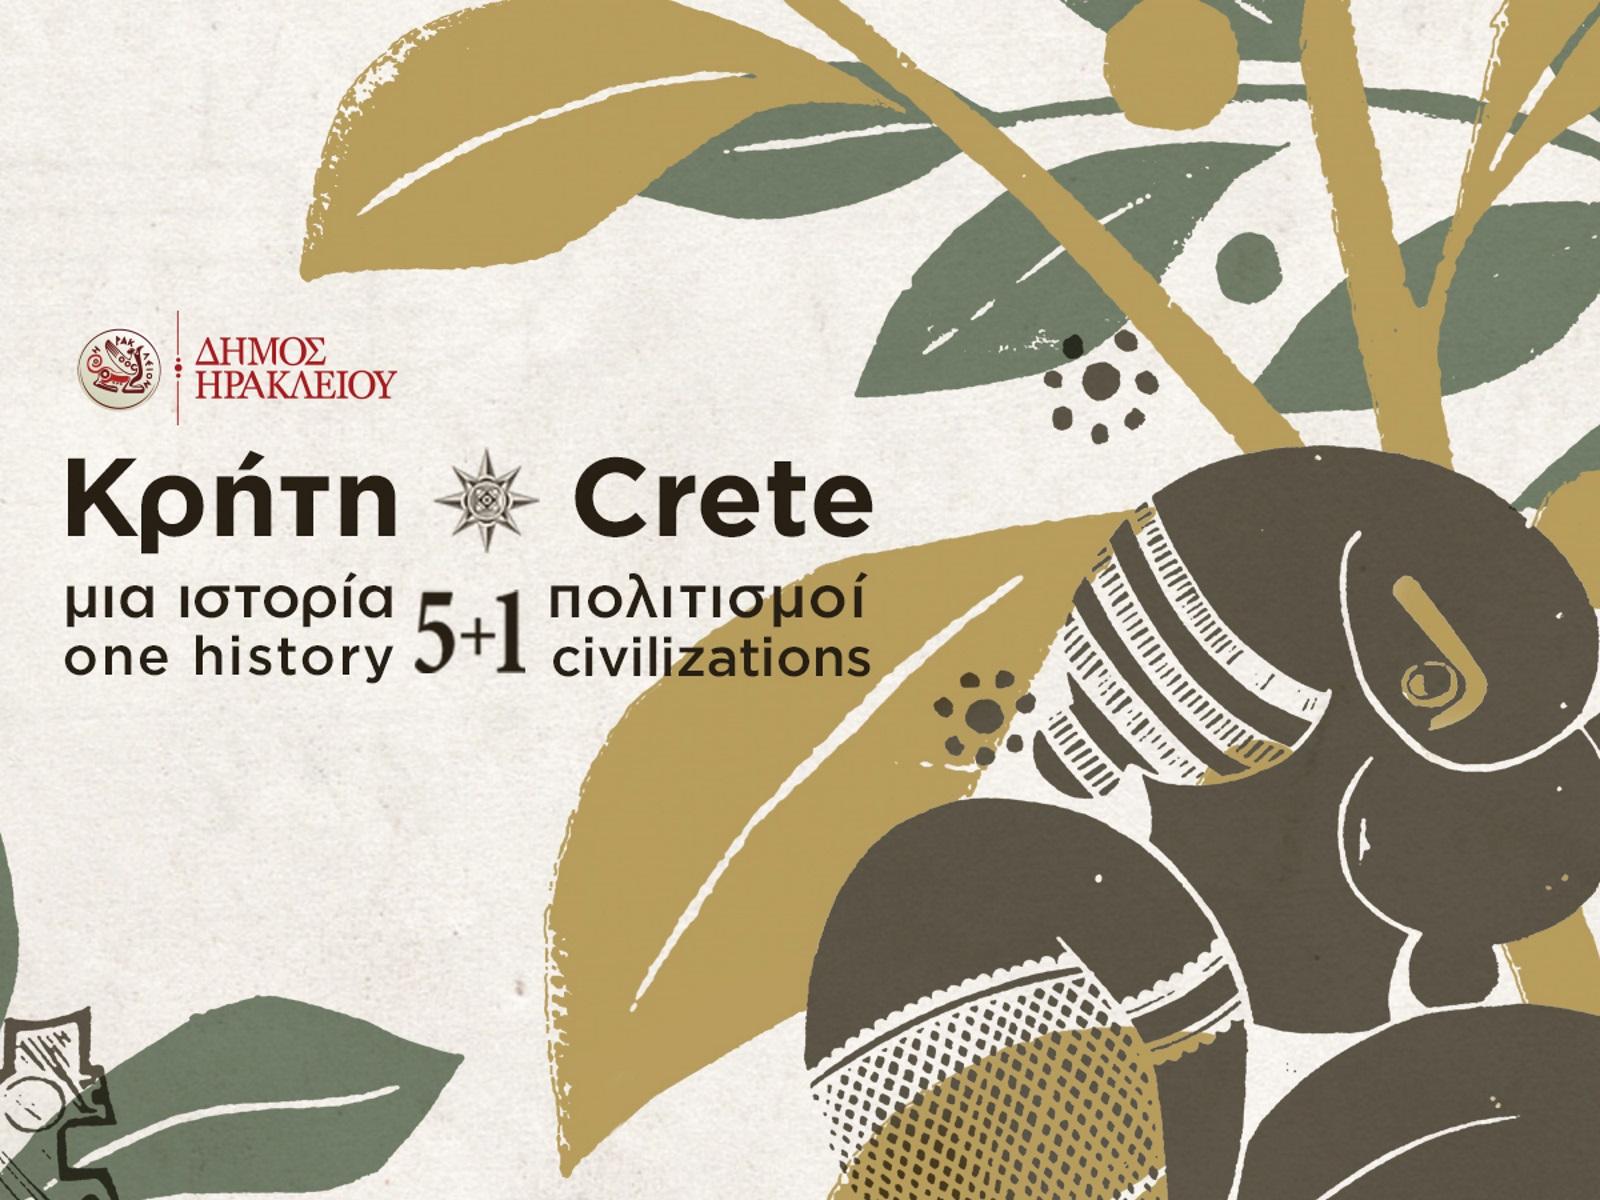 Όλα έτοιμα για το Φεστιβάλ «Κρήτη, Μία Ιστορία, 5+1 Πολιτισμοί»